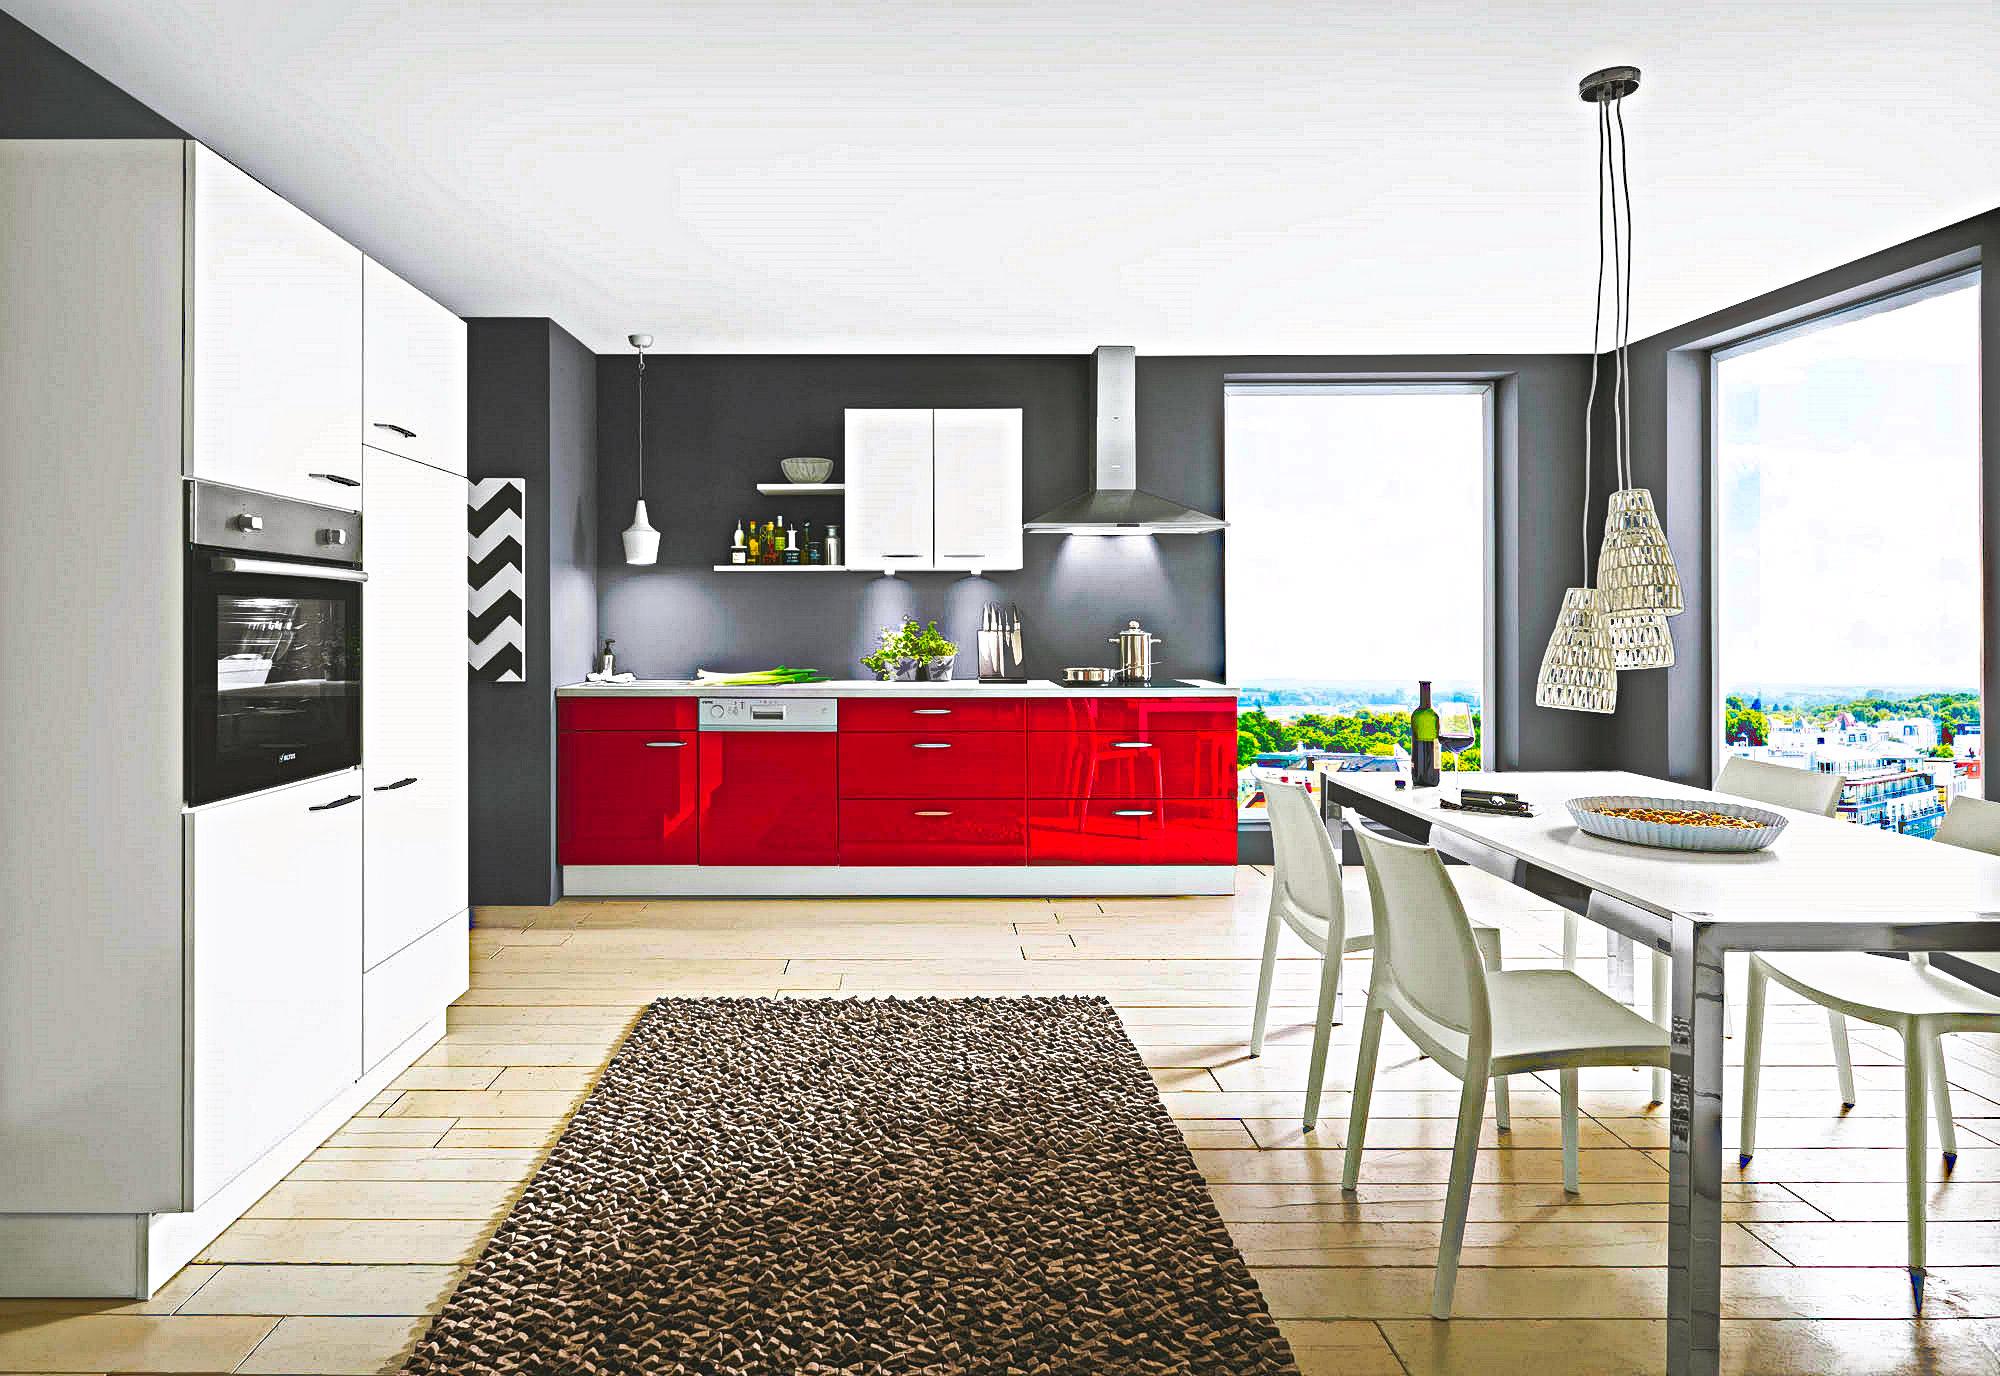 Full Size of Küche Weiß Hochglanz Mit Kochinsel Küche Weiß Hochglanz Grifflos Eckschrank Küche Weiß Hochglanz Küche Weiß Hochglanz Welche Arbeitsplatte Küche Küche Weiß Hochglanz